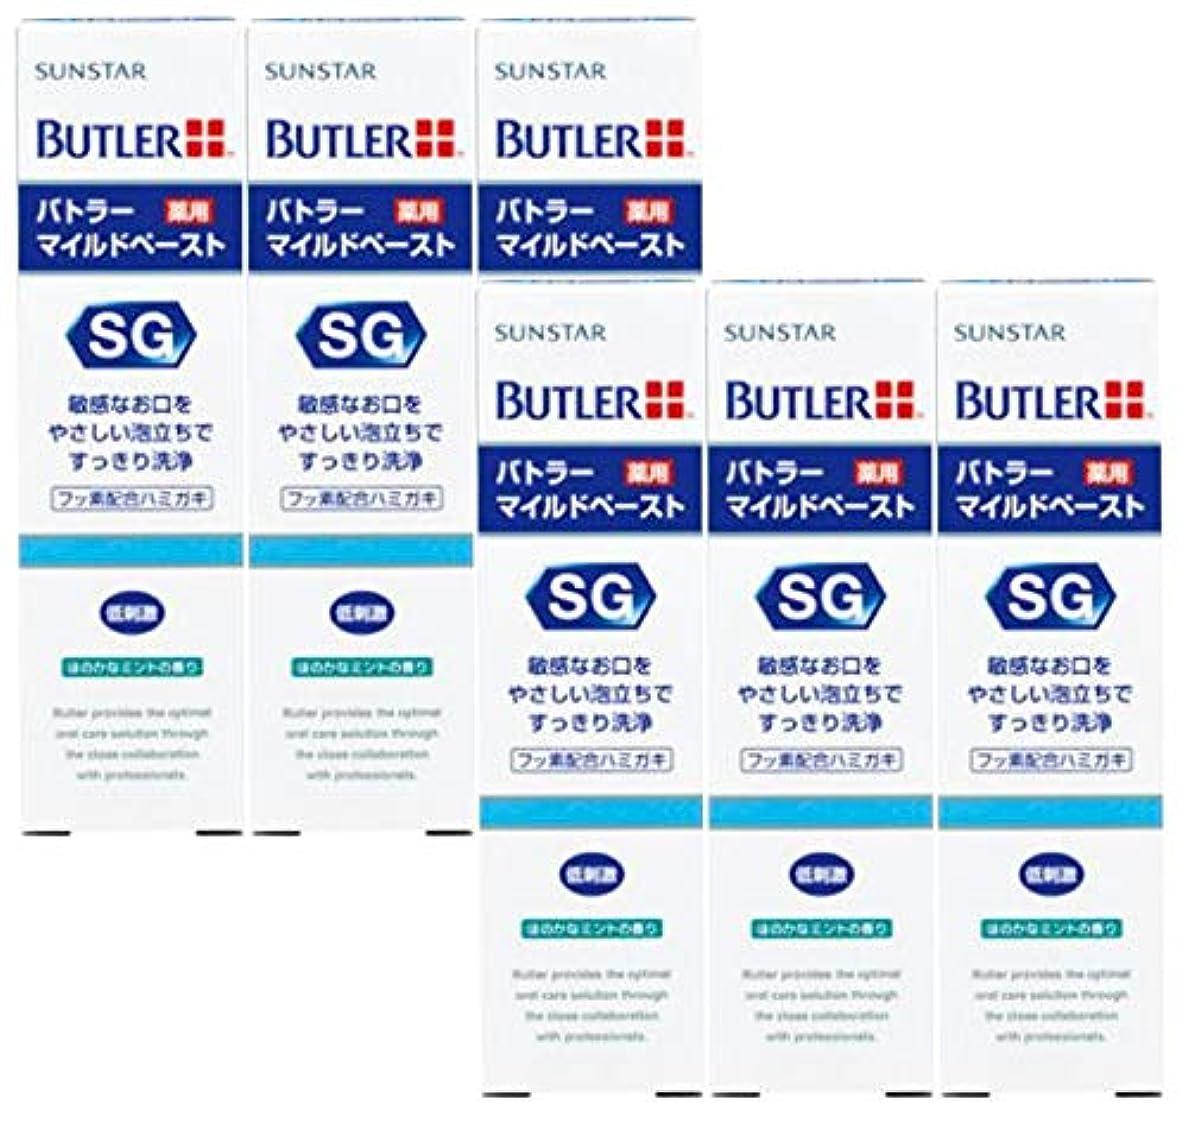 絵許容土器サンスター(SUNSTAR) バトラー(BUTLER) マイルドペースト 25g × 6本 医薬部外品